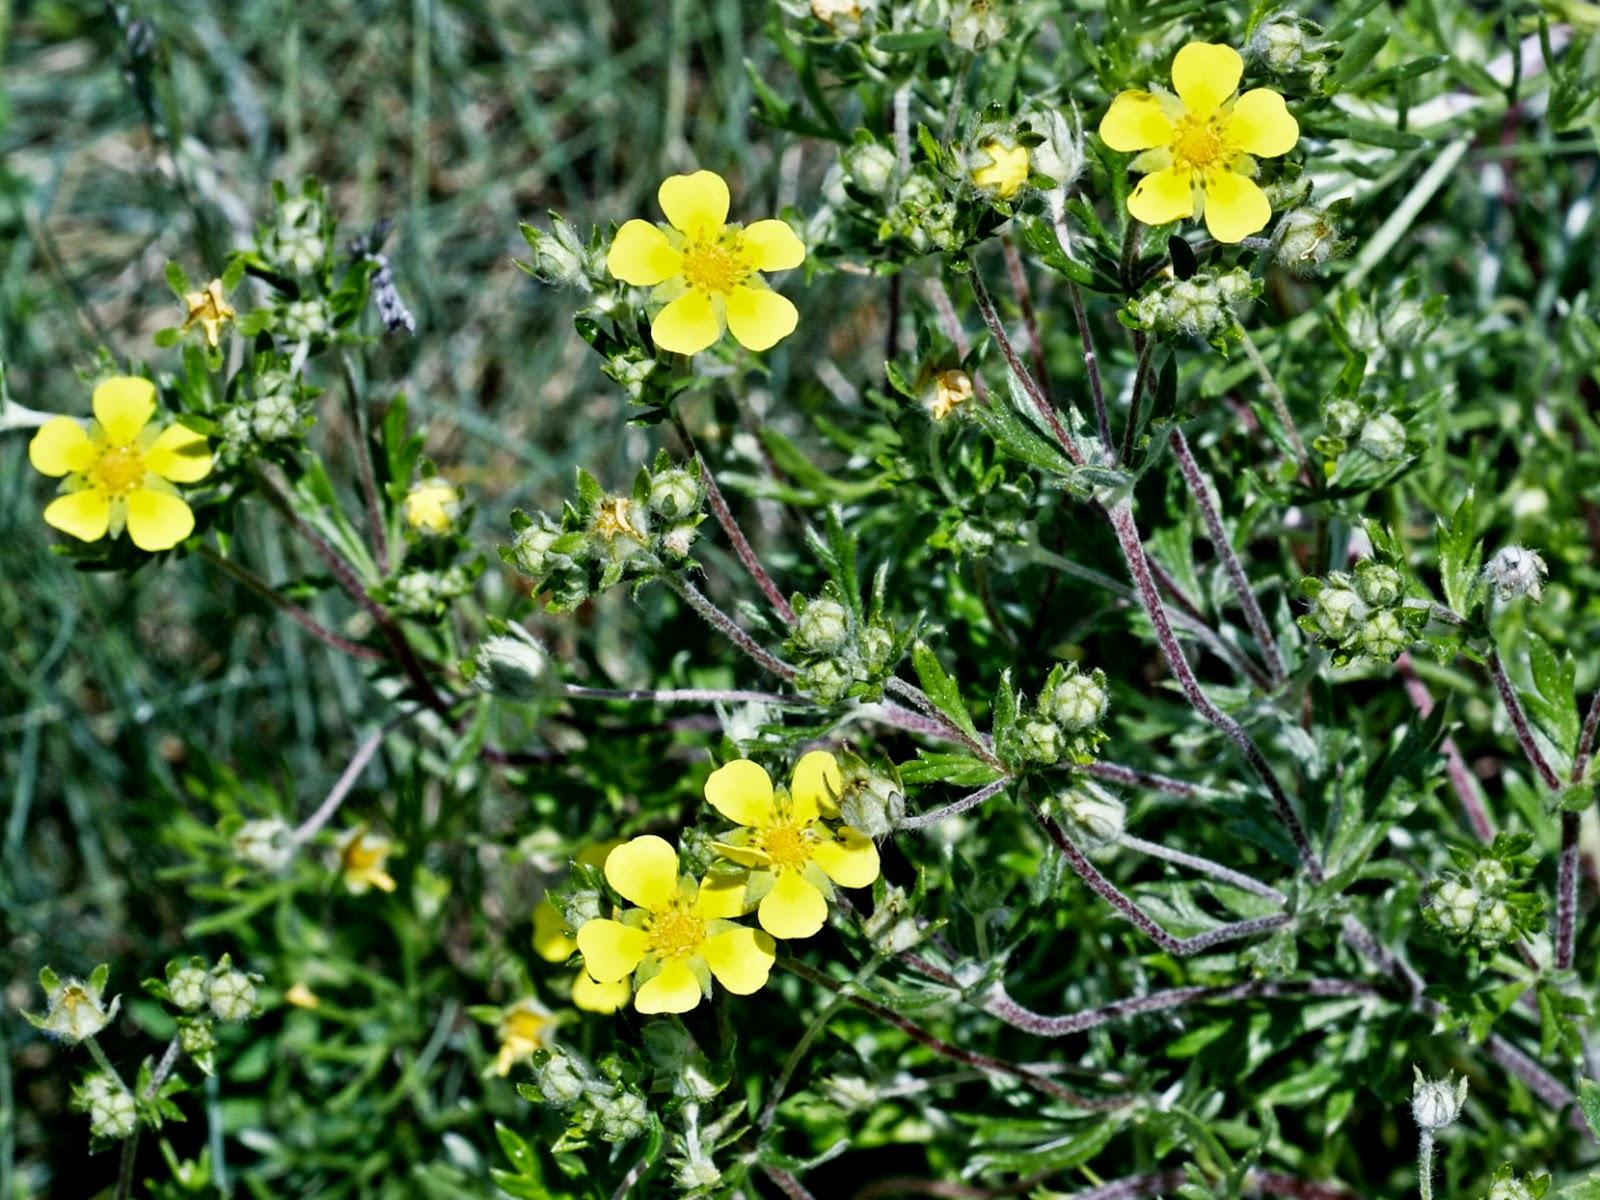 Vercorin les fleurs du tour du mont fleurs jaunes jaunes vertes - Polygala myrtifolia feuilles jaunes ...